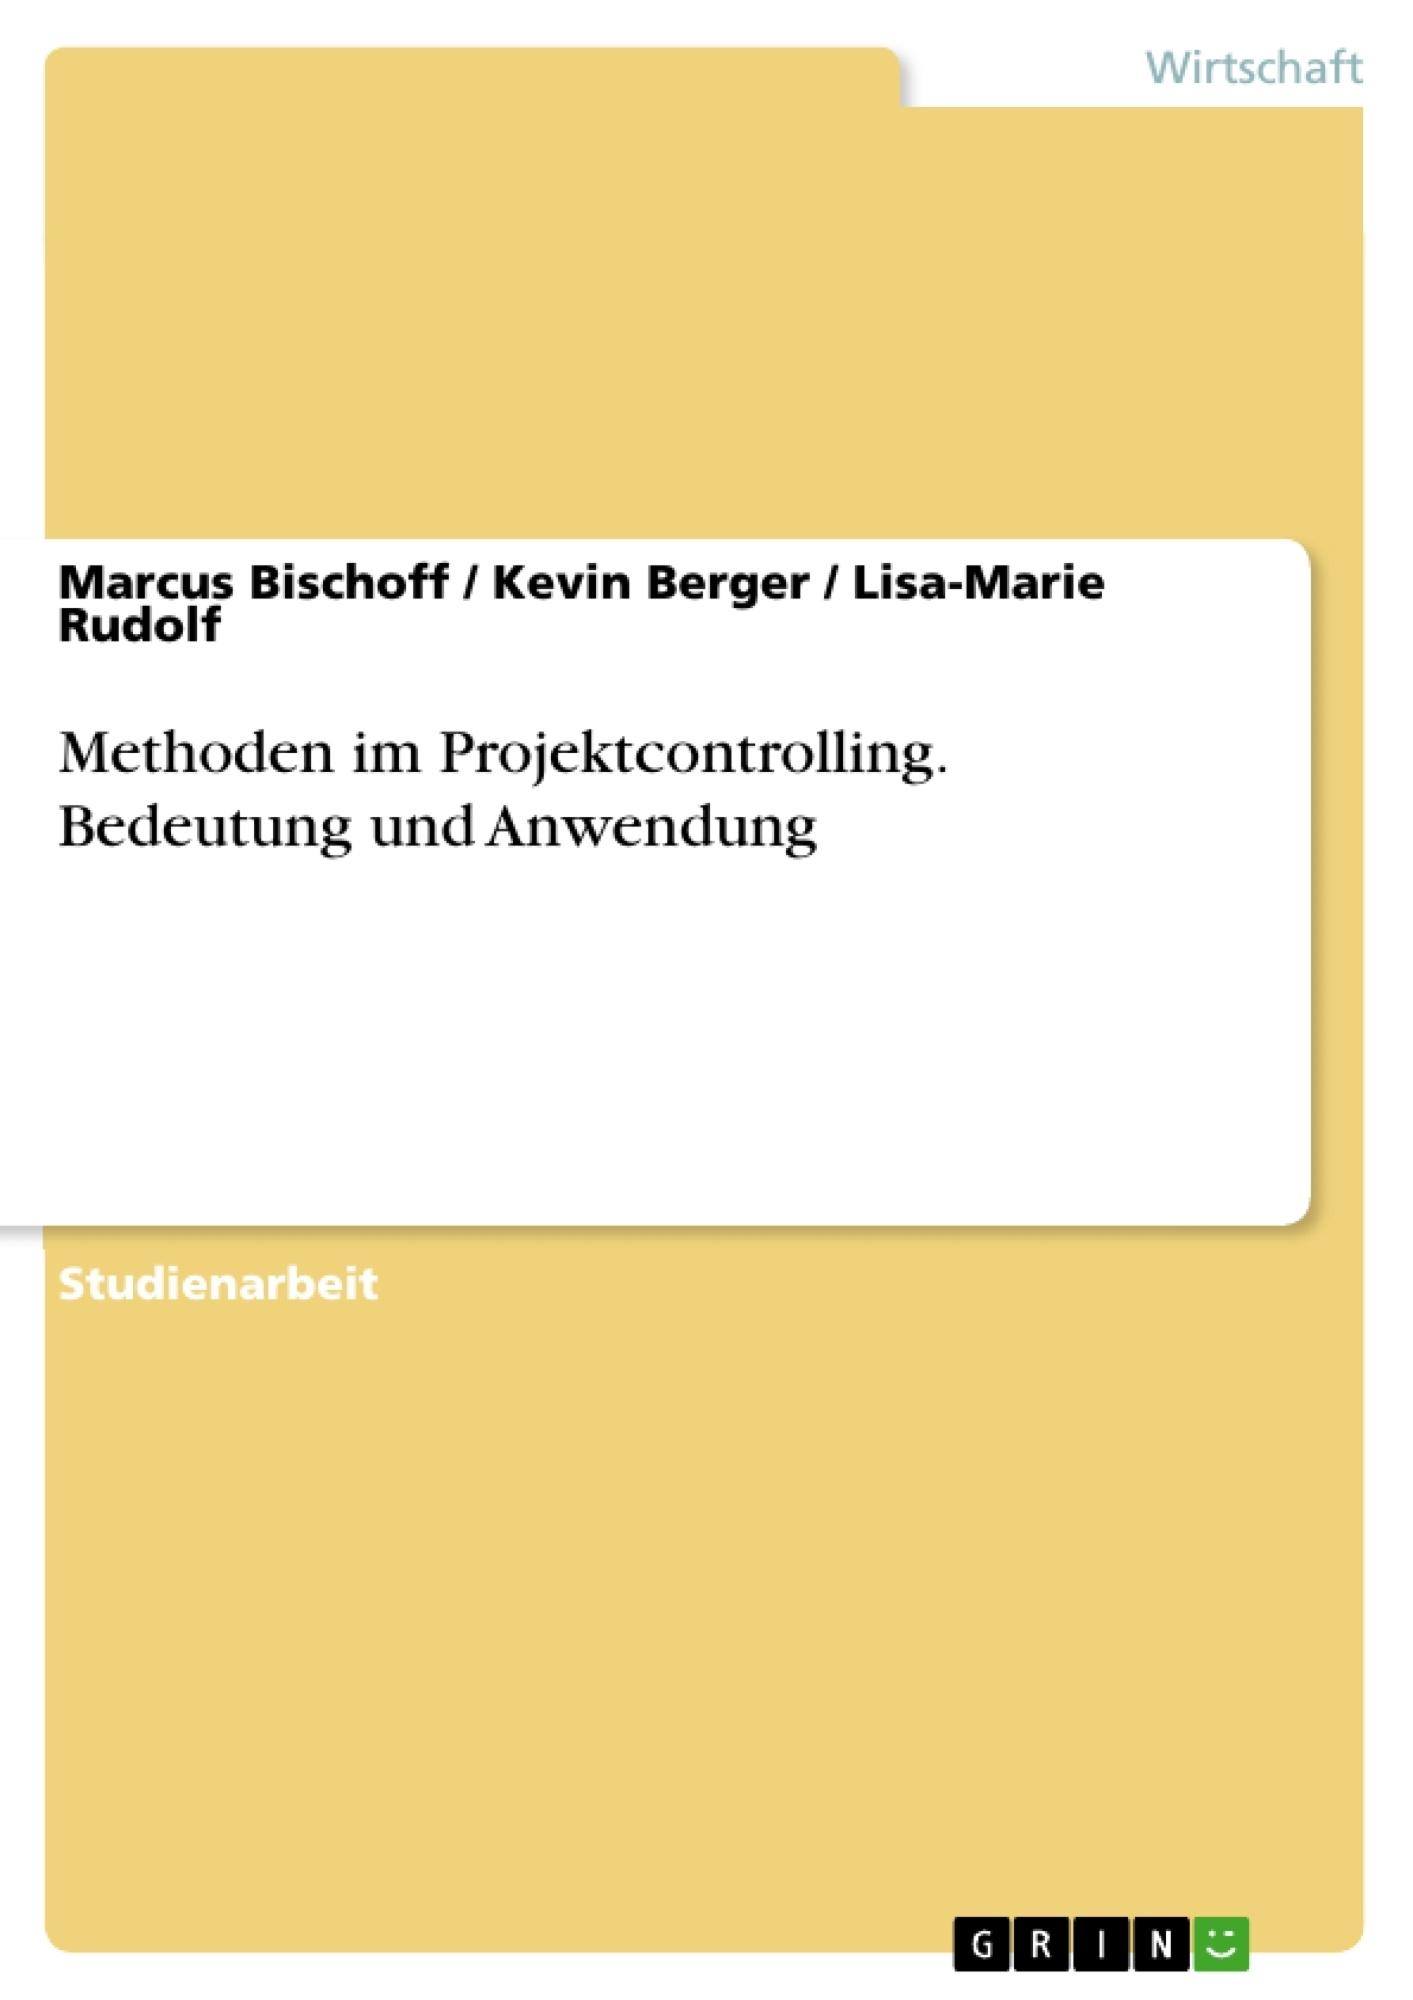 Titel: Methoden im Projektcontrolling. Bedeutung und Anwendung